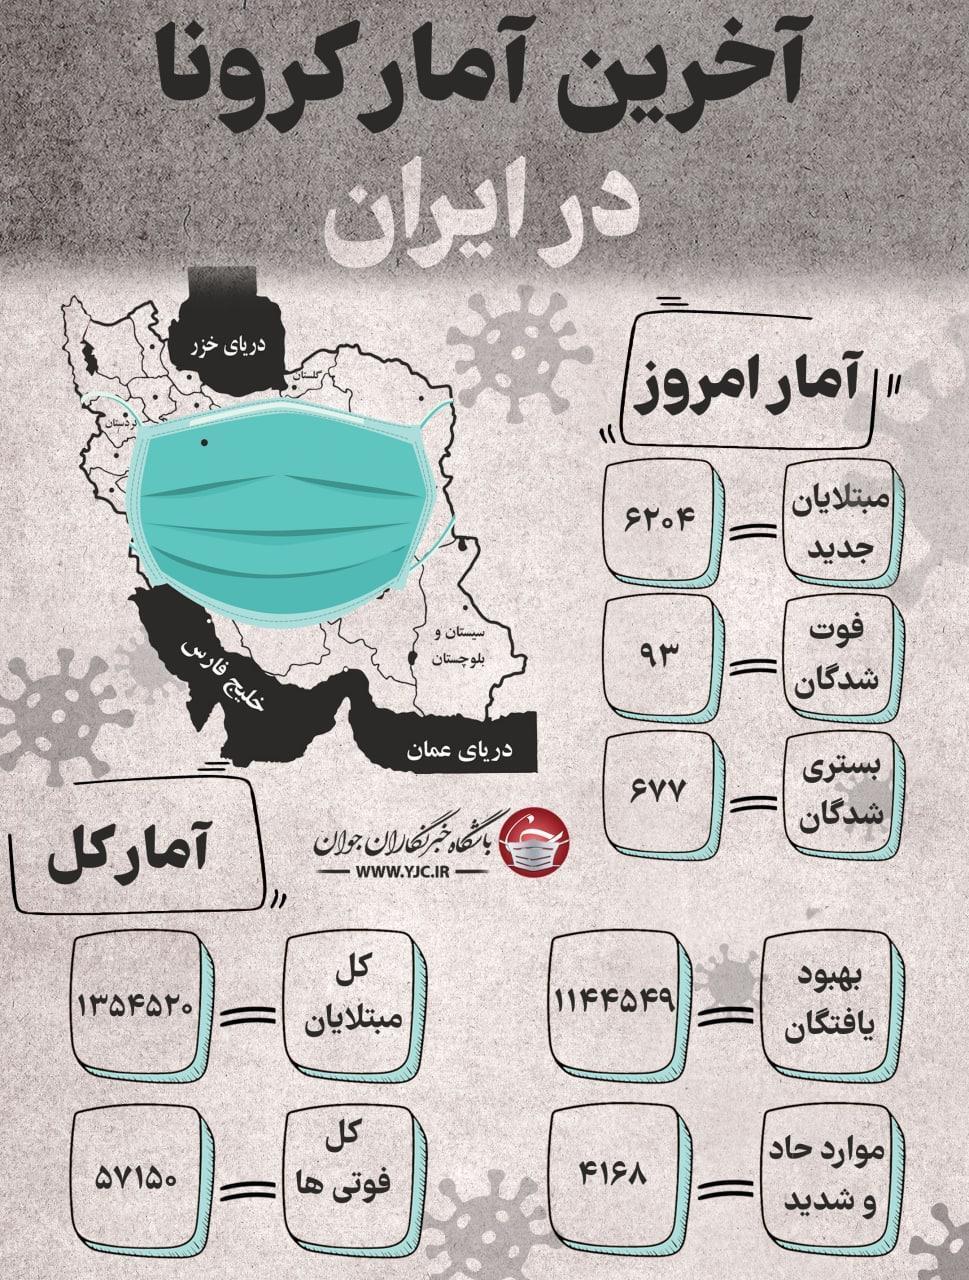 آخرین آمار کرونا در ایران؛ خیز نسبی بیماری در کشور